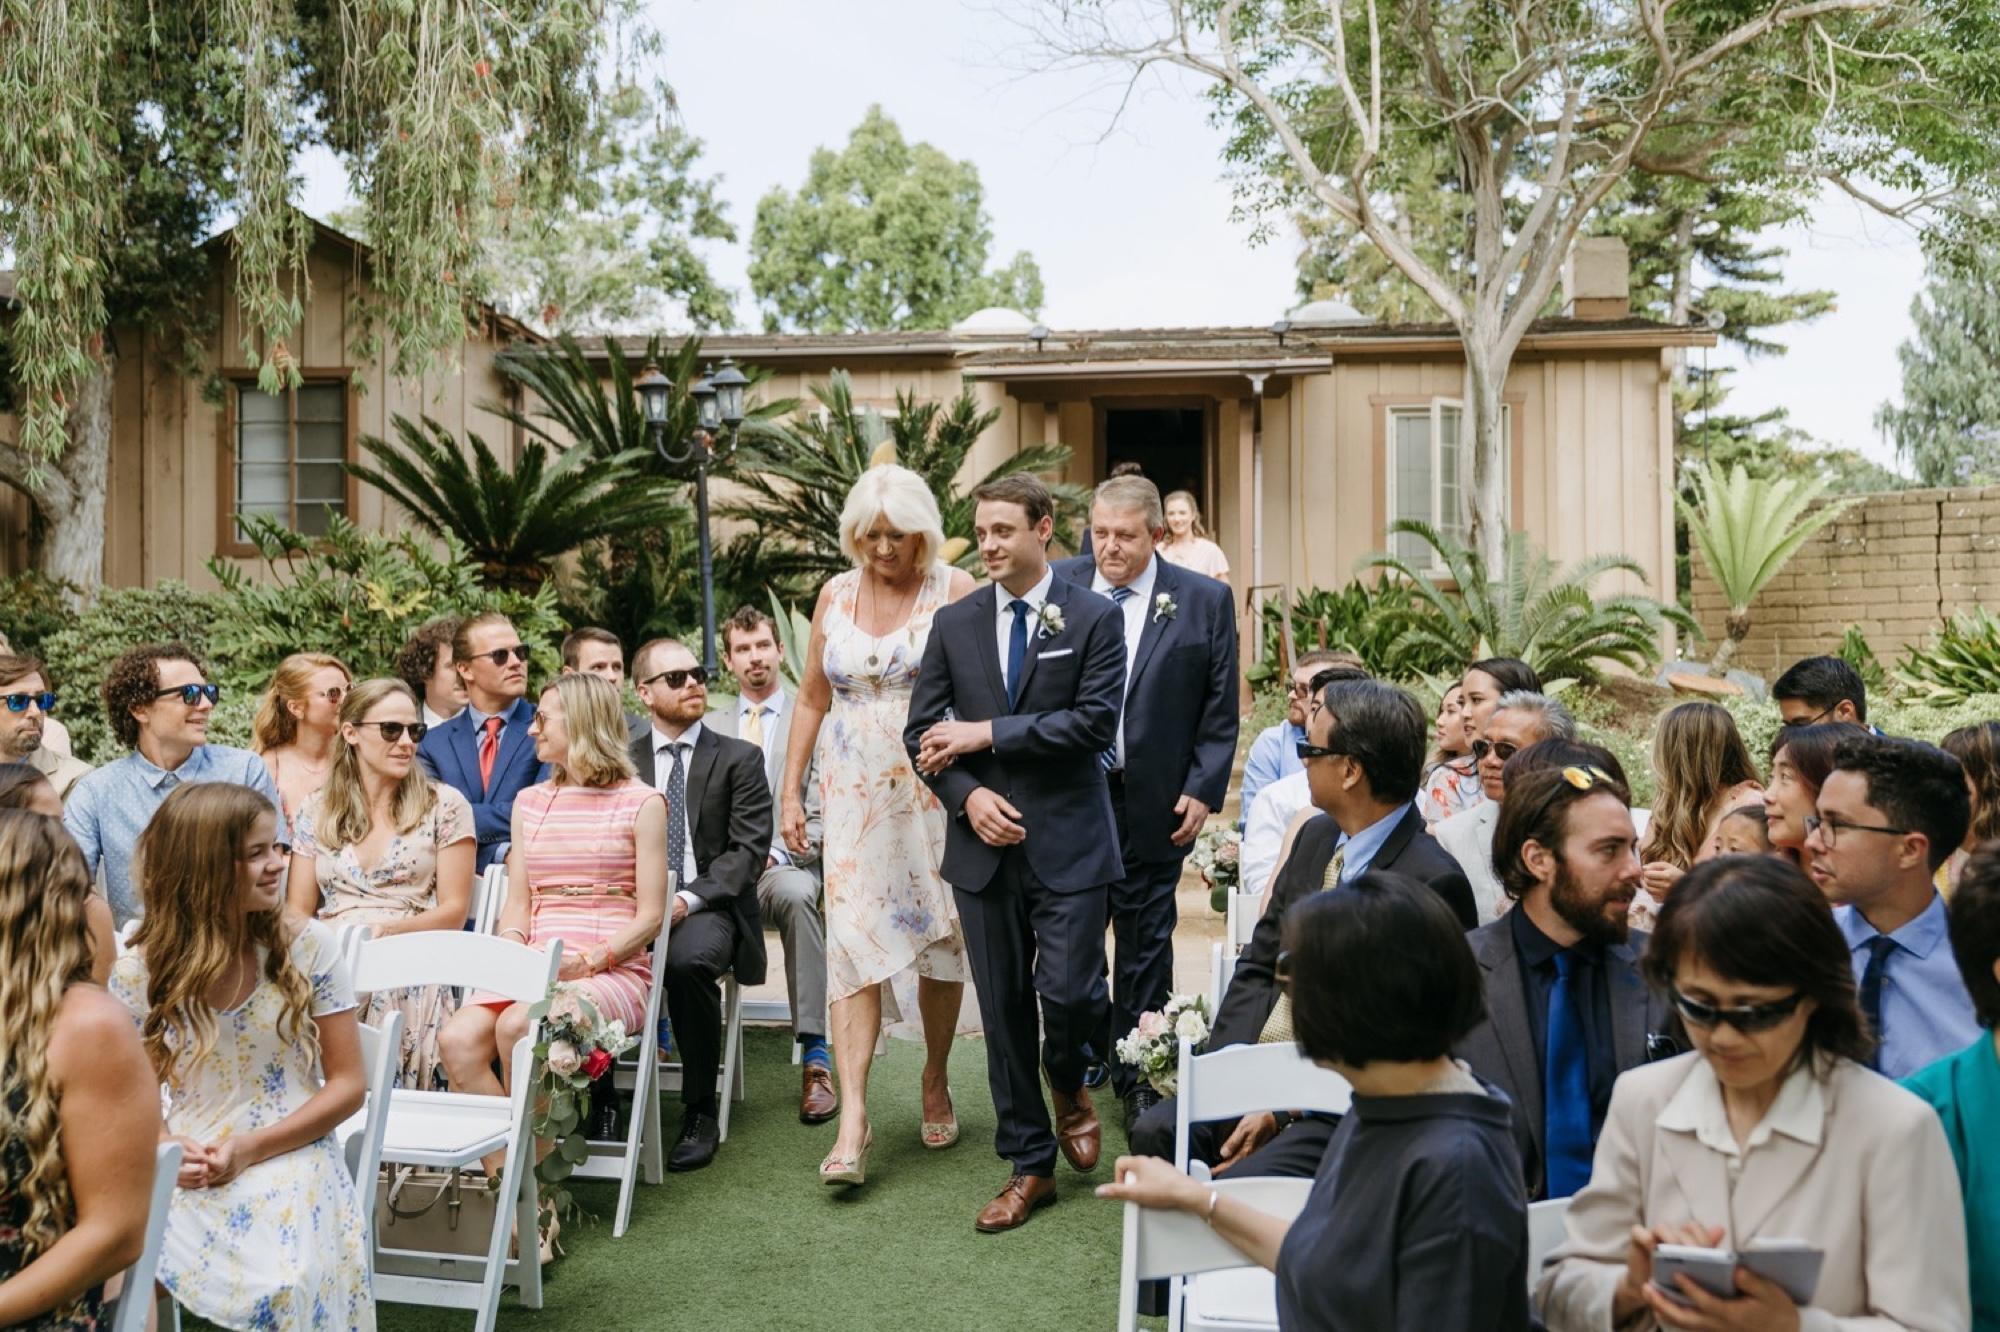 022_Shawna and Steve's Wedding-133.jpg